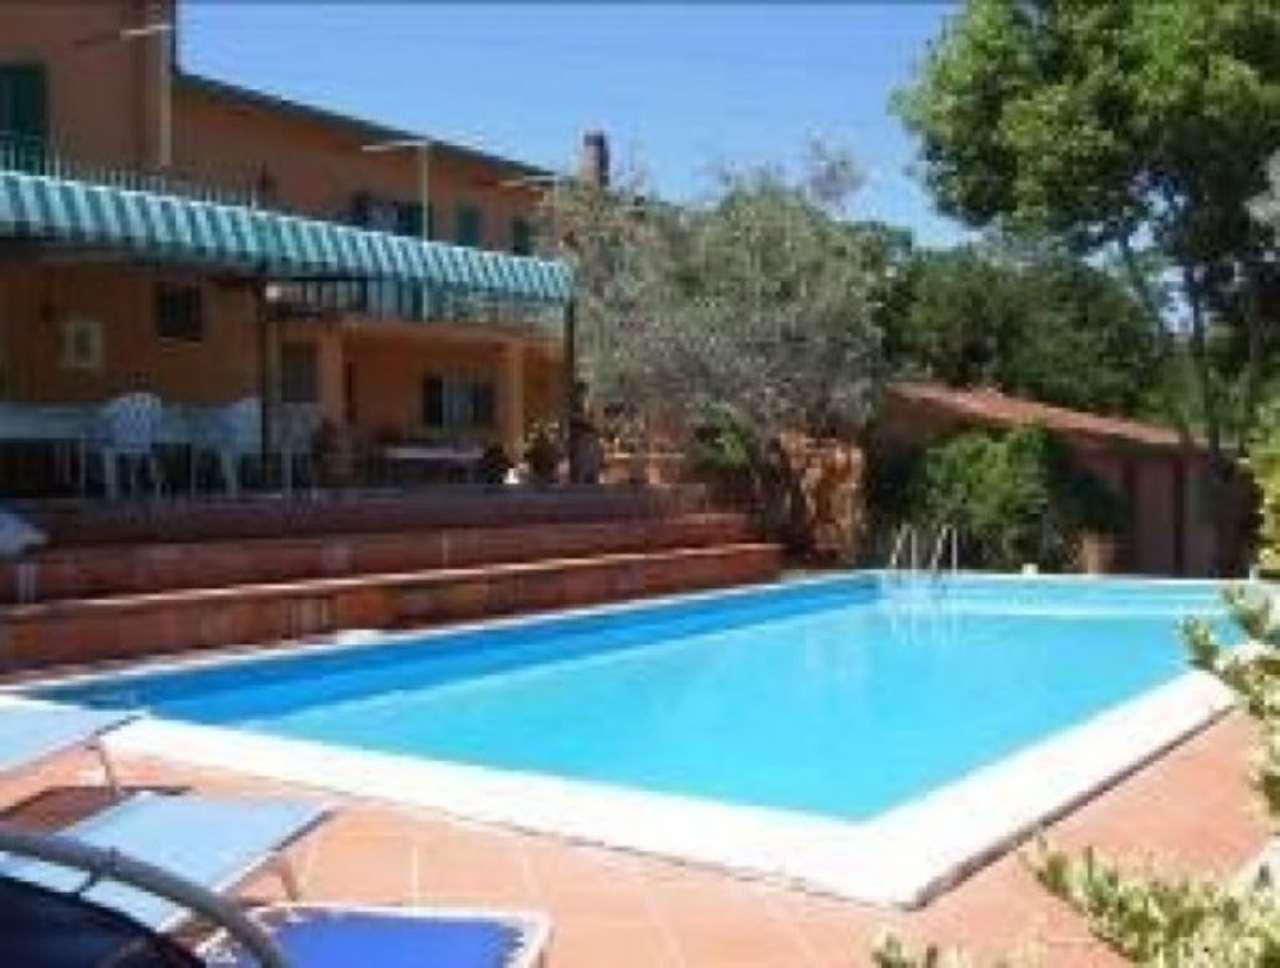 Villa in vendita a Poggio Catino, 6 locali, prezzo € 185.000 | Cambio Casa.it